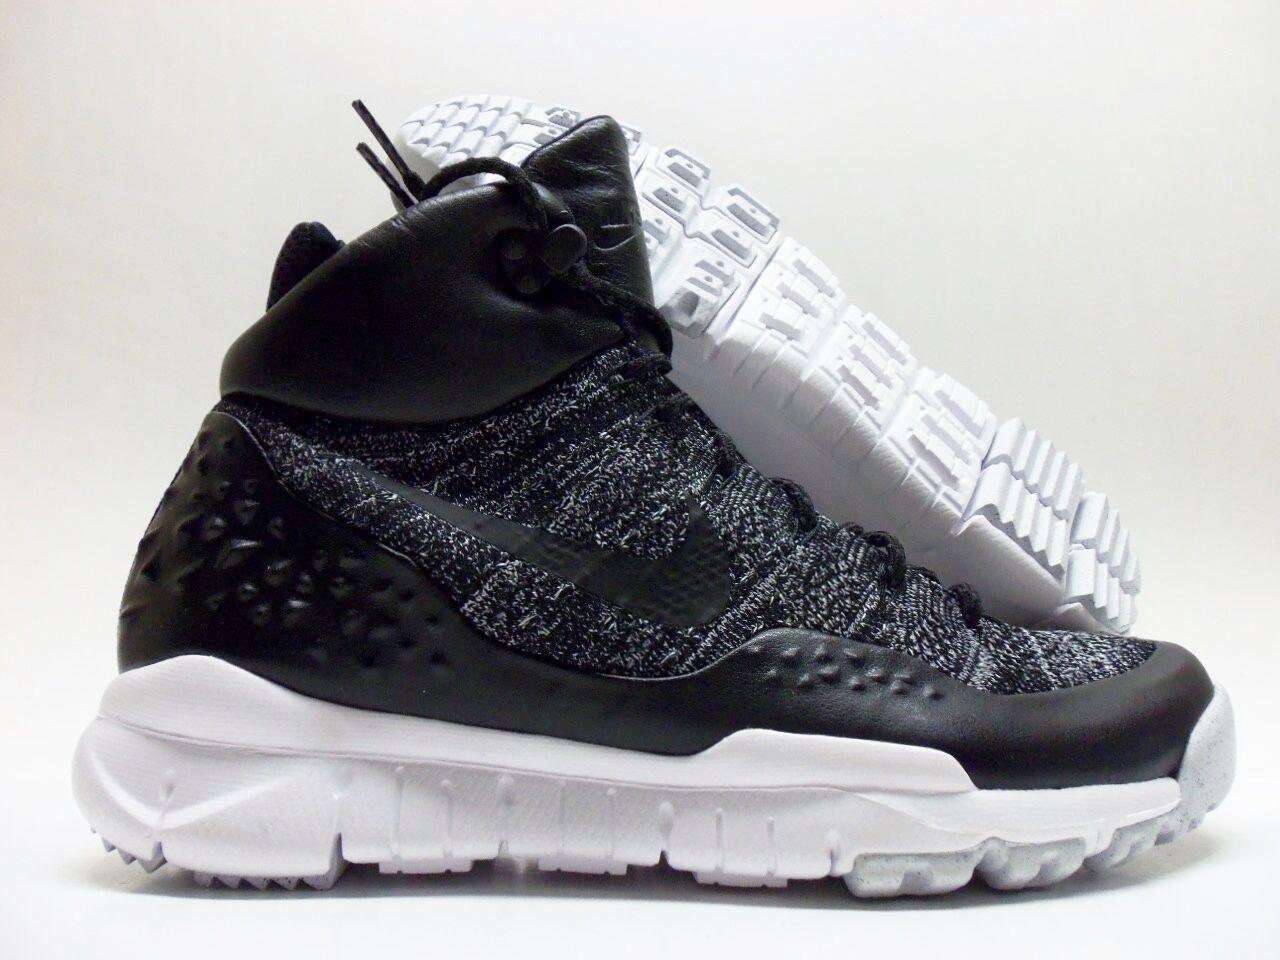 Nike lupinek flyknit oreo nero / bianco dimensioni uomini 9 [862505-001]